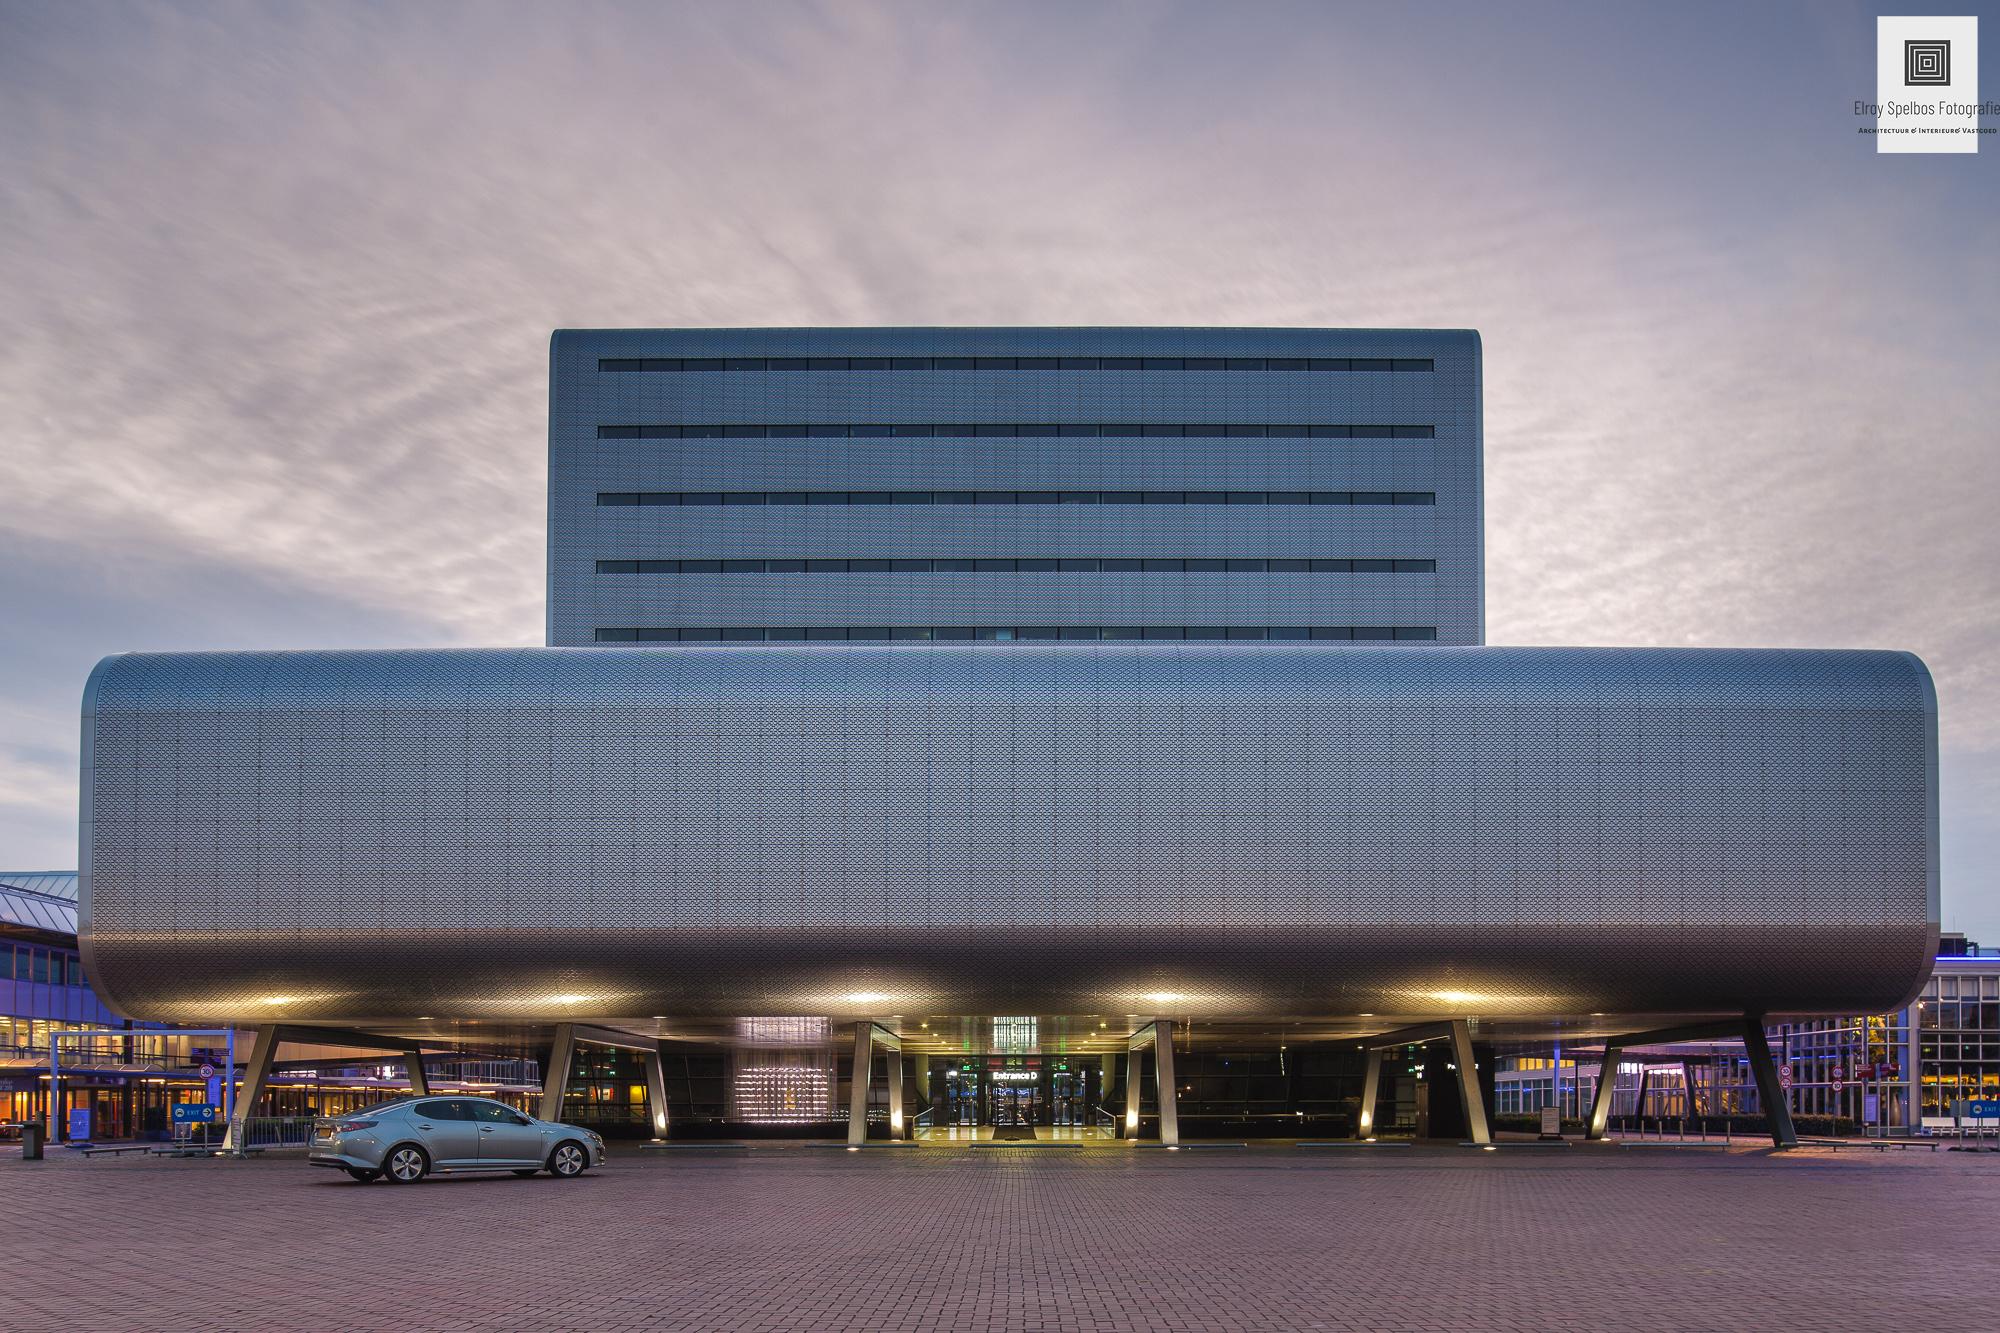 Architectuurfoto gemaakt door Elroy Spelbos Fotografie